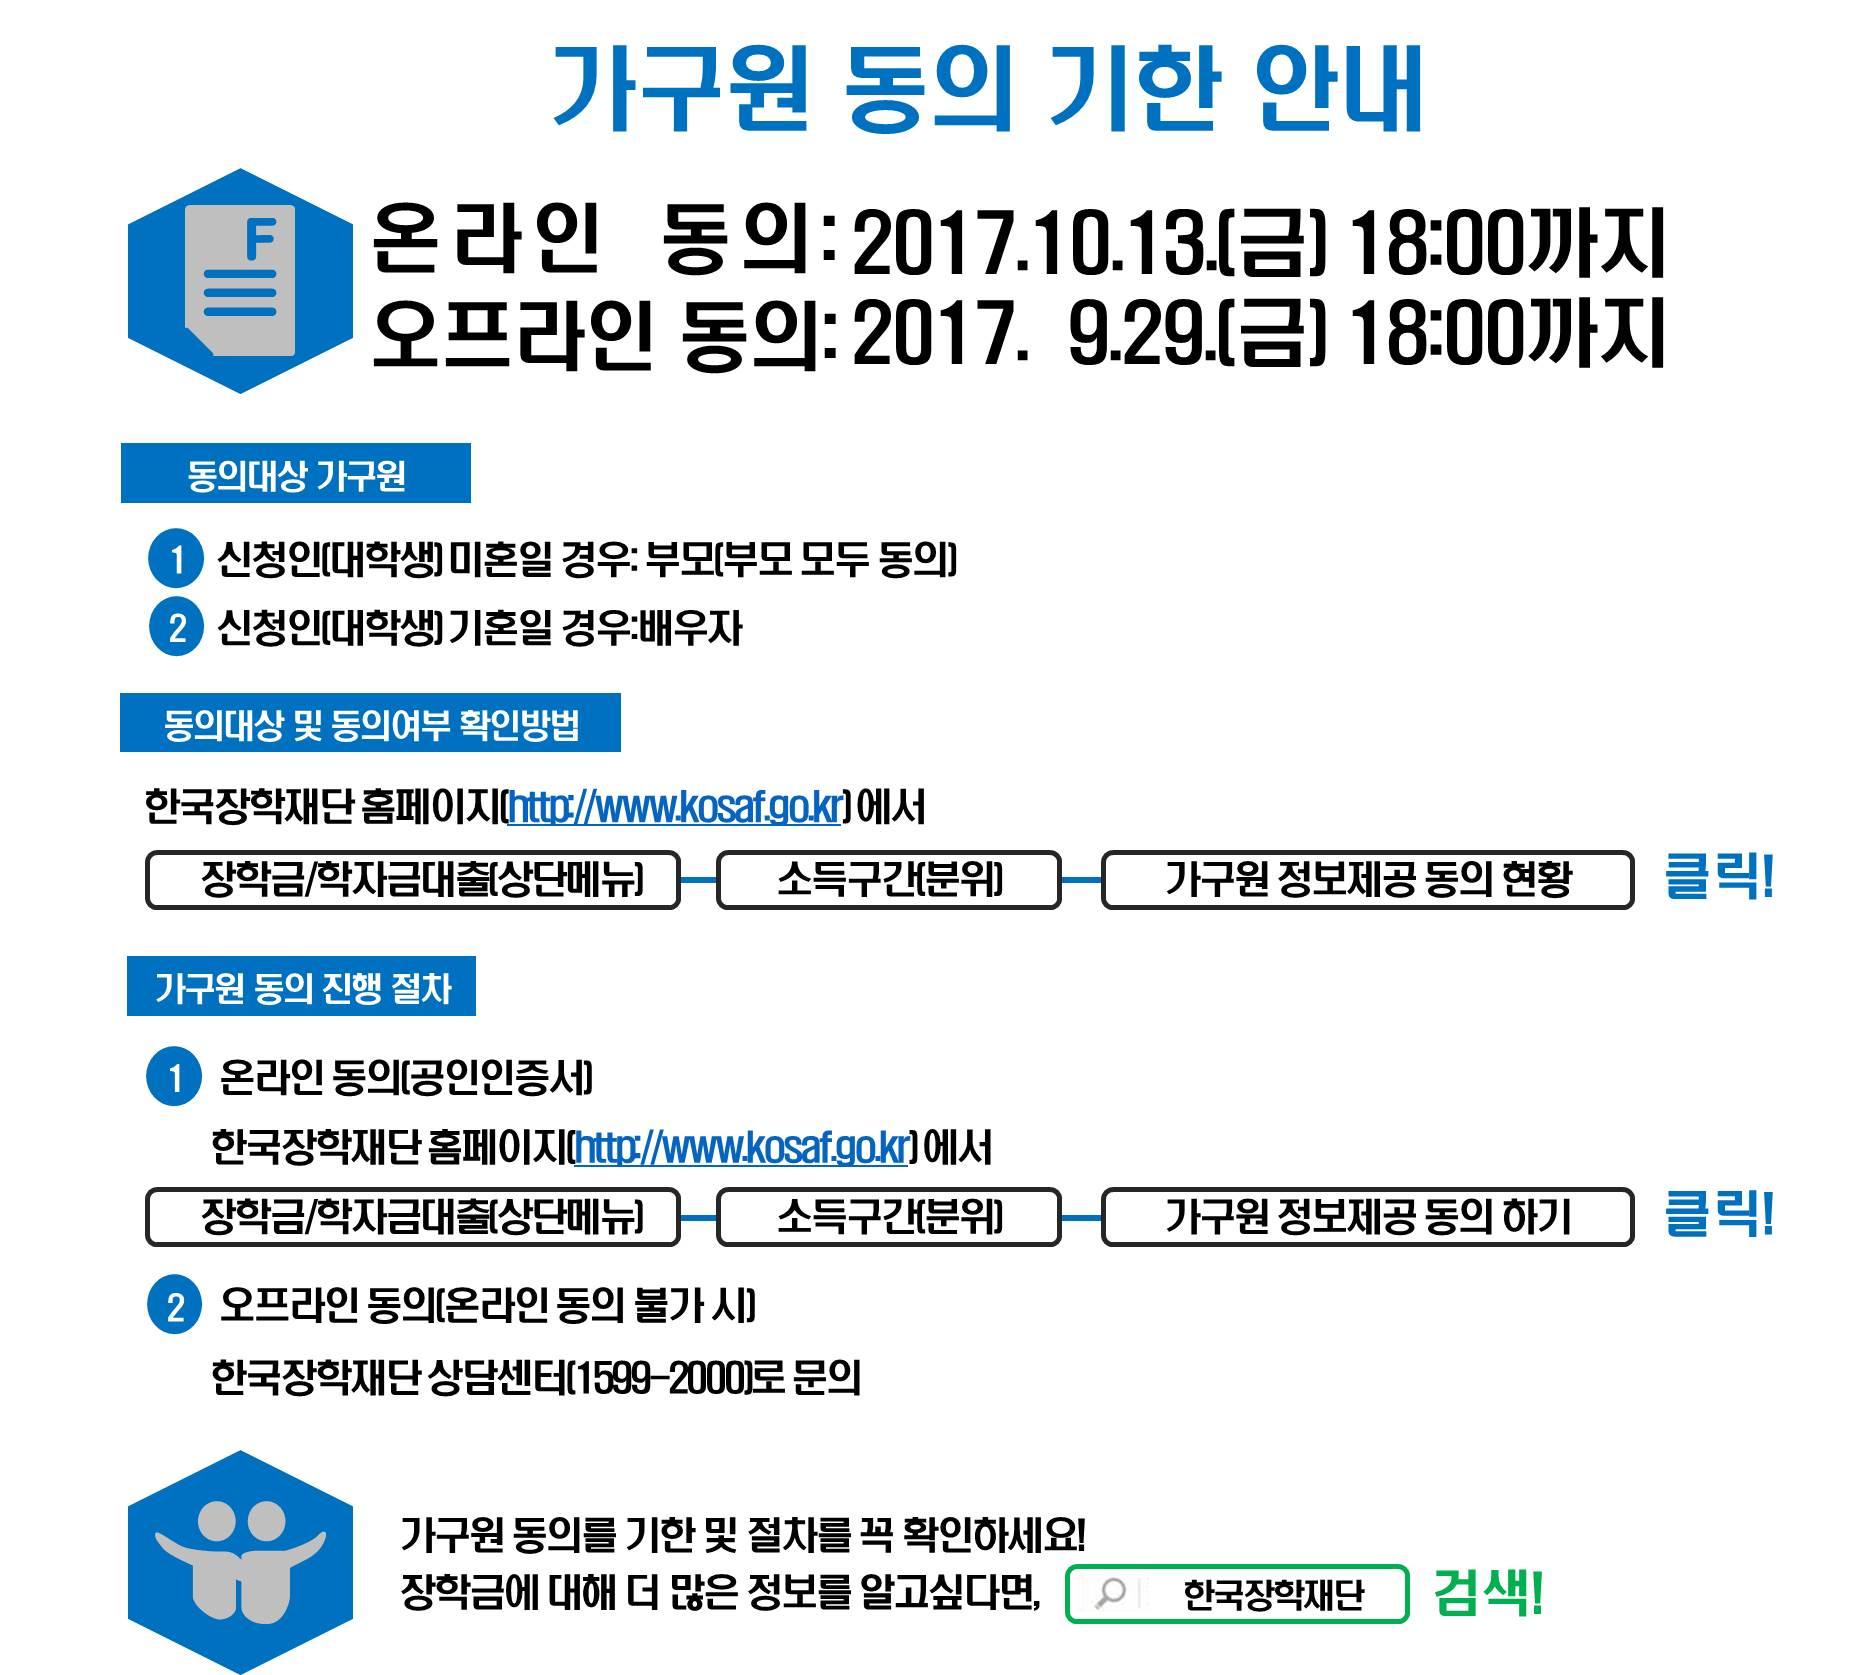 가구원 동의 마감기한 안내.jpg